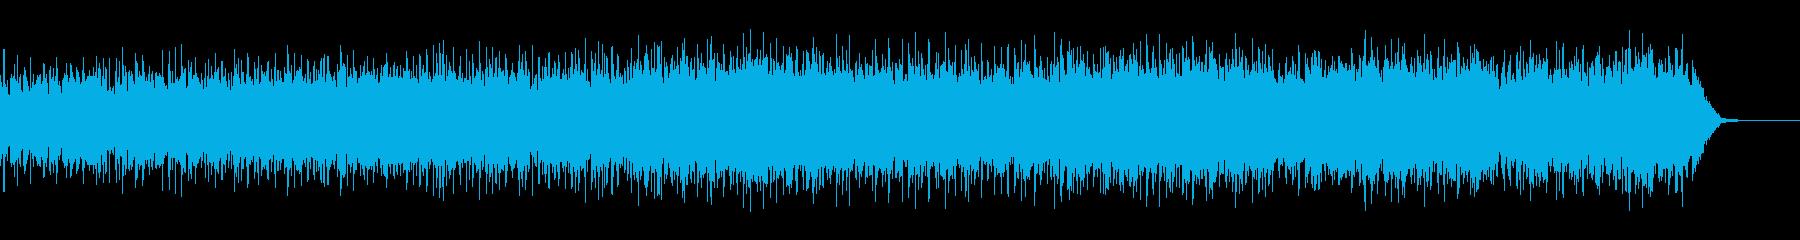 スローテンポなバイオリンの伝統的フォークの再生済みの波形